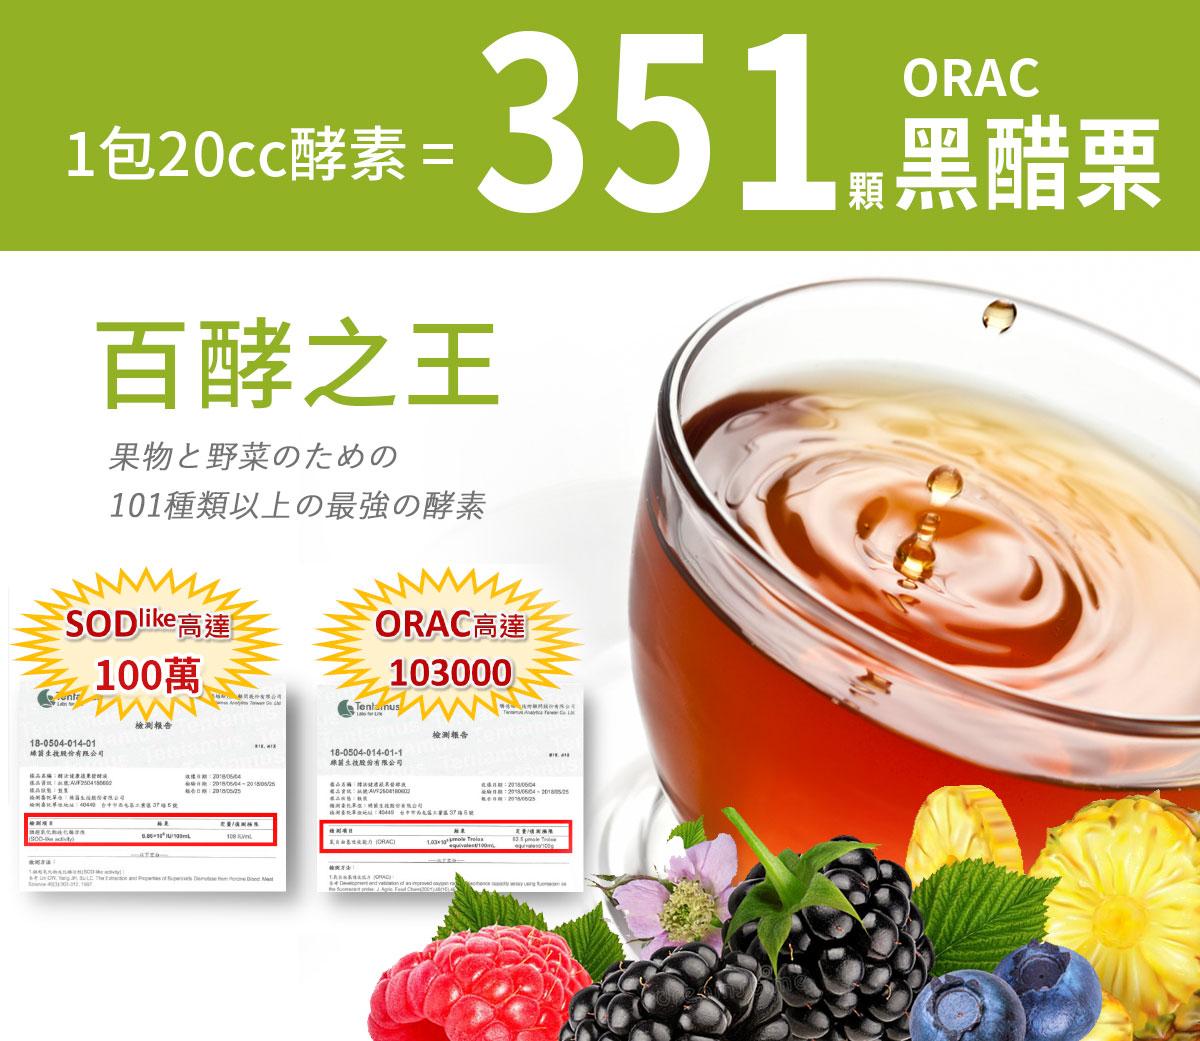 日本零號生酵素-101綜合蔬果酵素-100萬高濃度SOD-排空歸零養顏美容-百酵之王